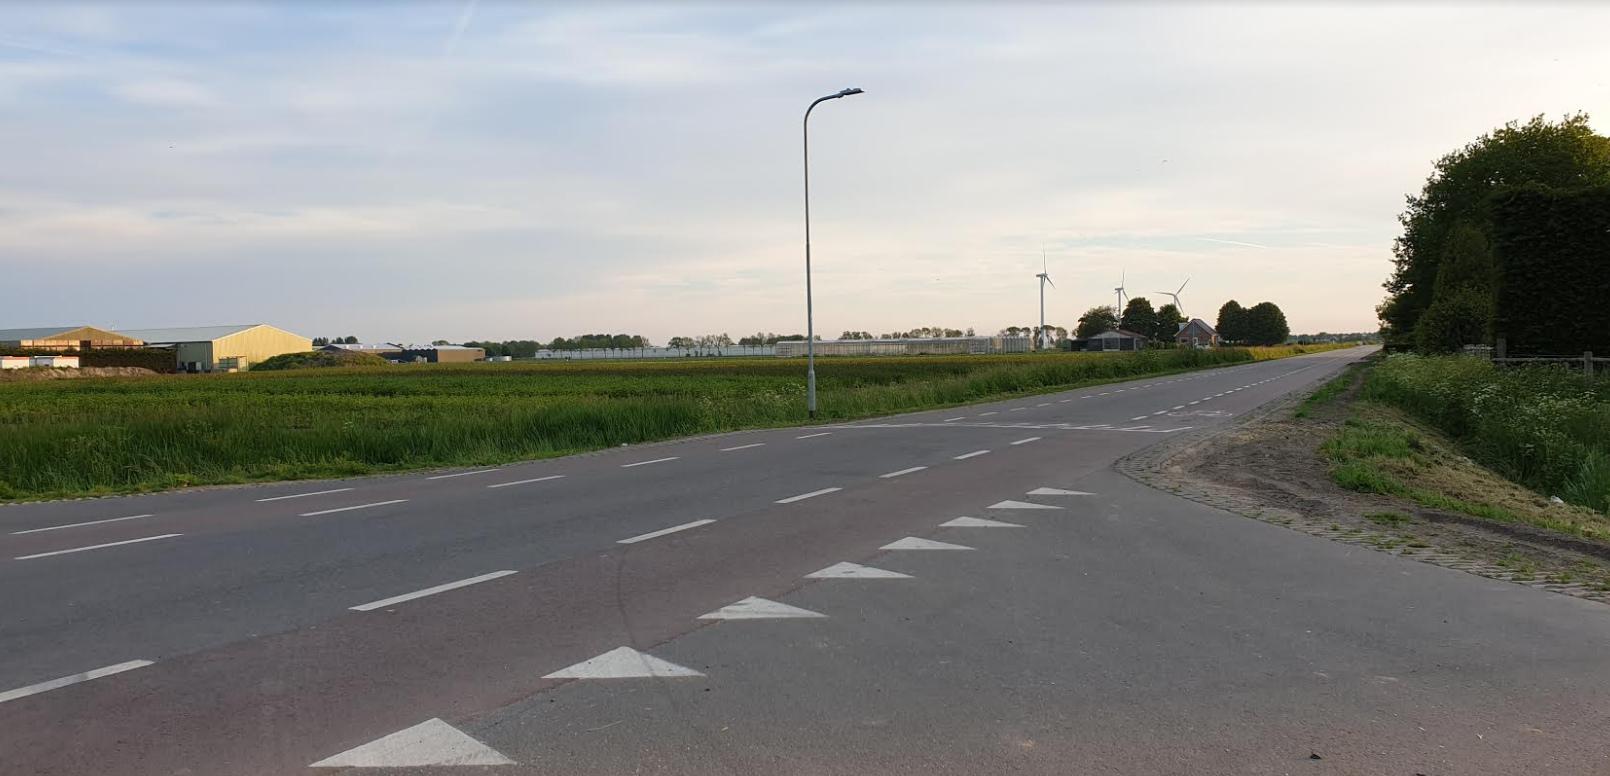 Burgemeester en Dorpsraad Andijk samen in gesprek met Hoogheemraad inzake verkeersveiligheid polderwegen | Kruispunt Ged. Laanweg (voorrangsweg) - Gerrit de Vriesweg Wordt hier het zicht op de weg geblokkeerd door hoog gras of een hoge haag?